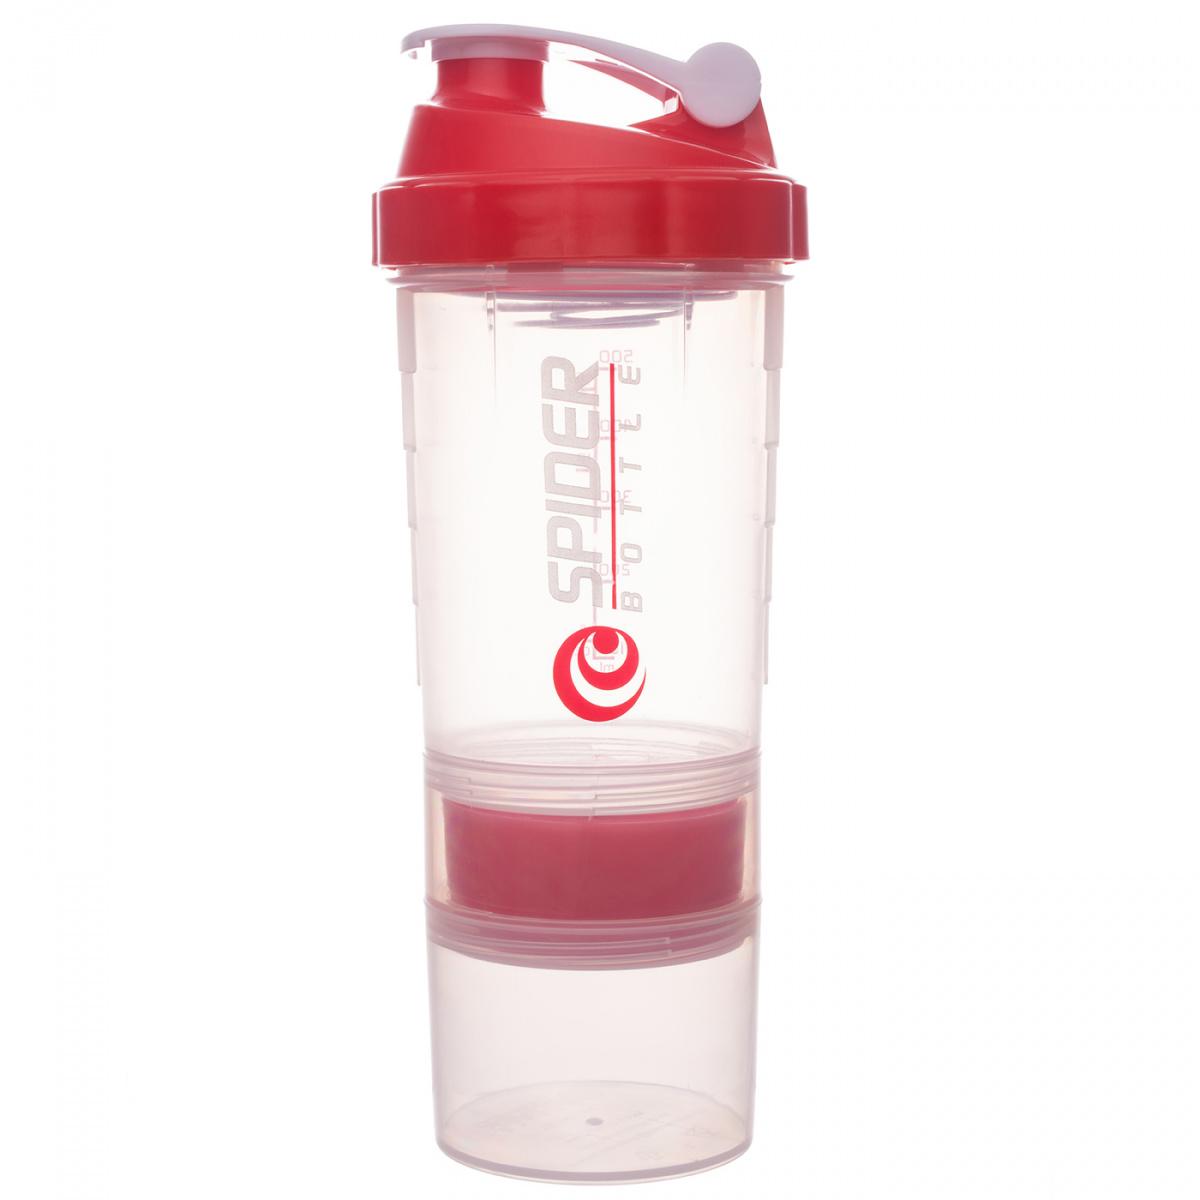 Шейкер Spider Bottle Maxi2Go 2 отсека 600 мл прозрачный/красный